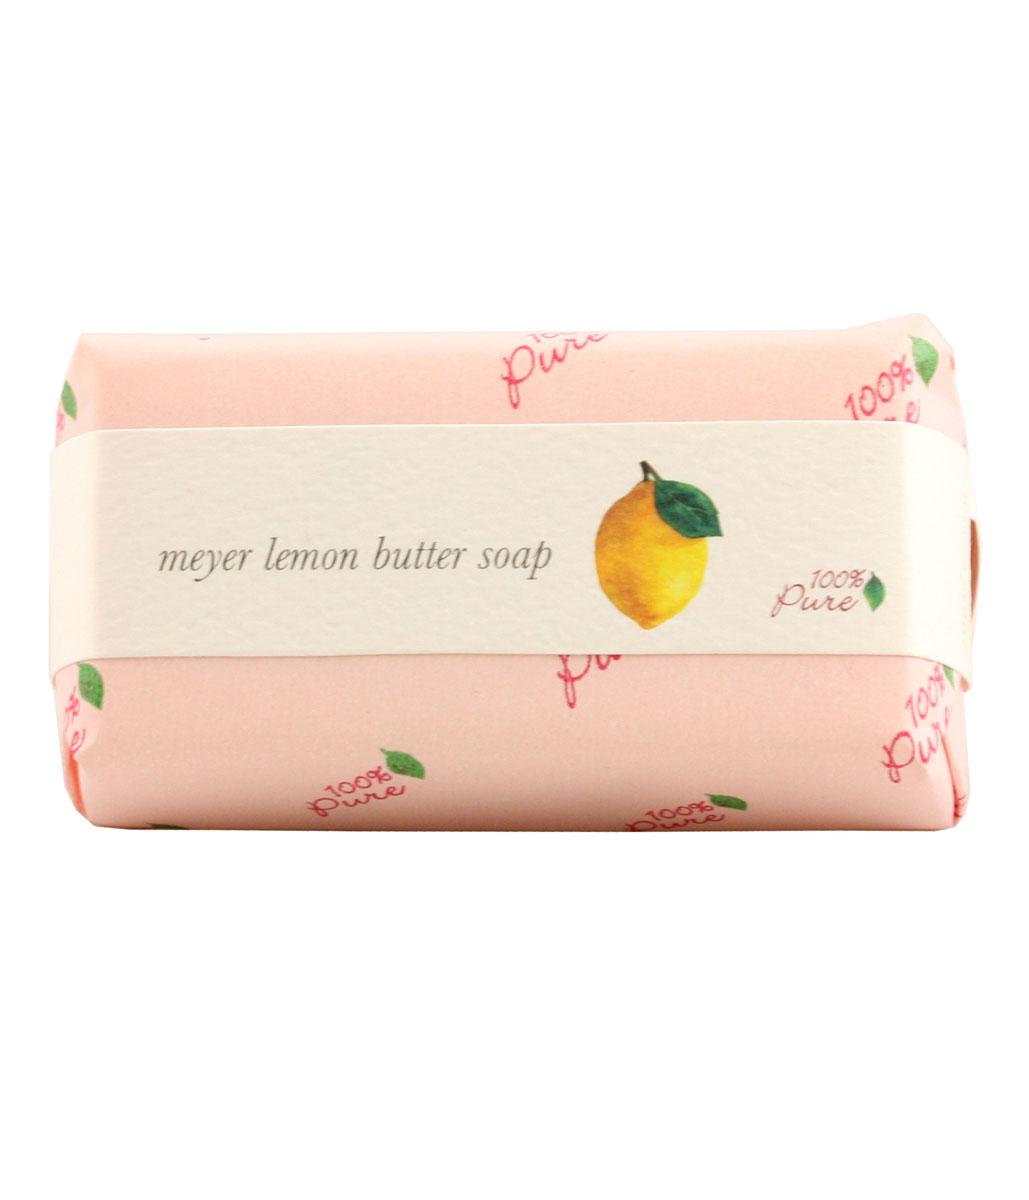 100% Pure Крем-мыло Лимон мейера, 127 г